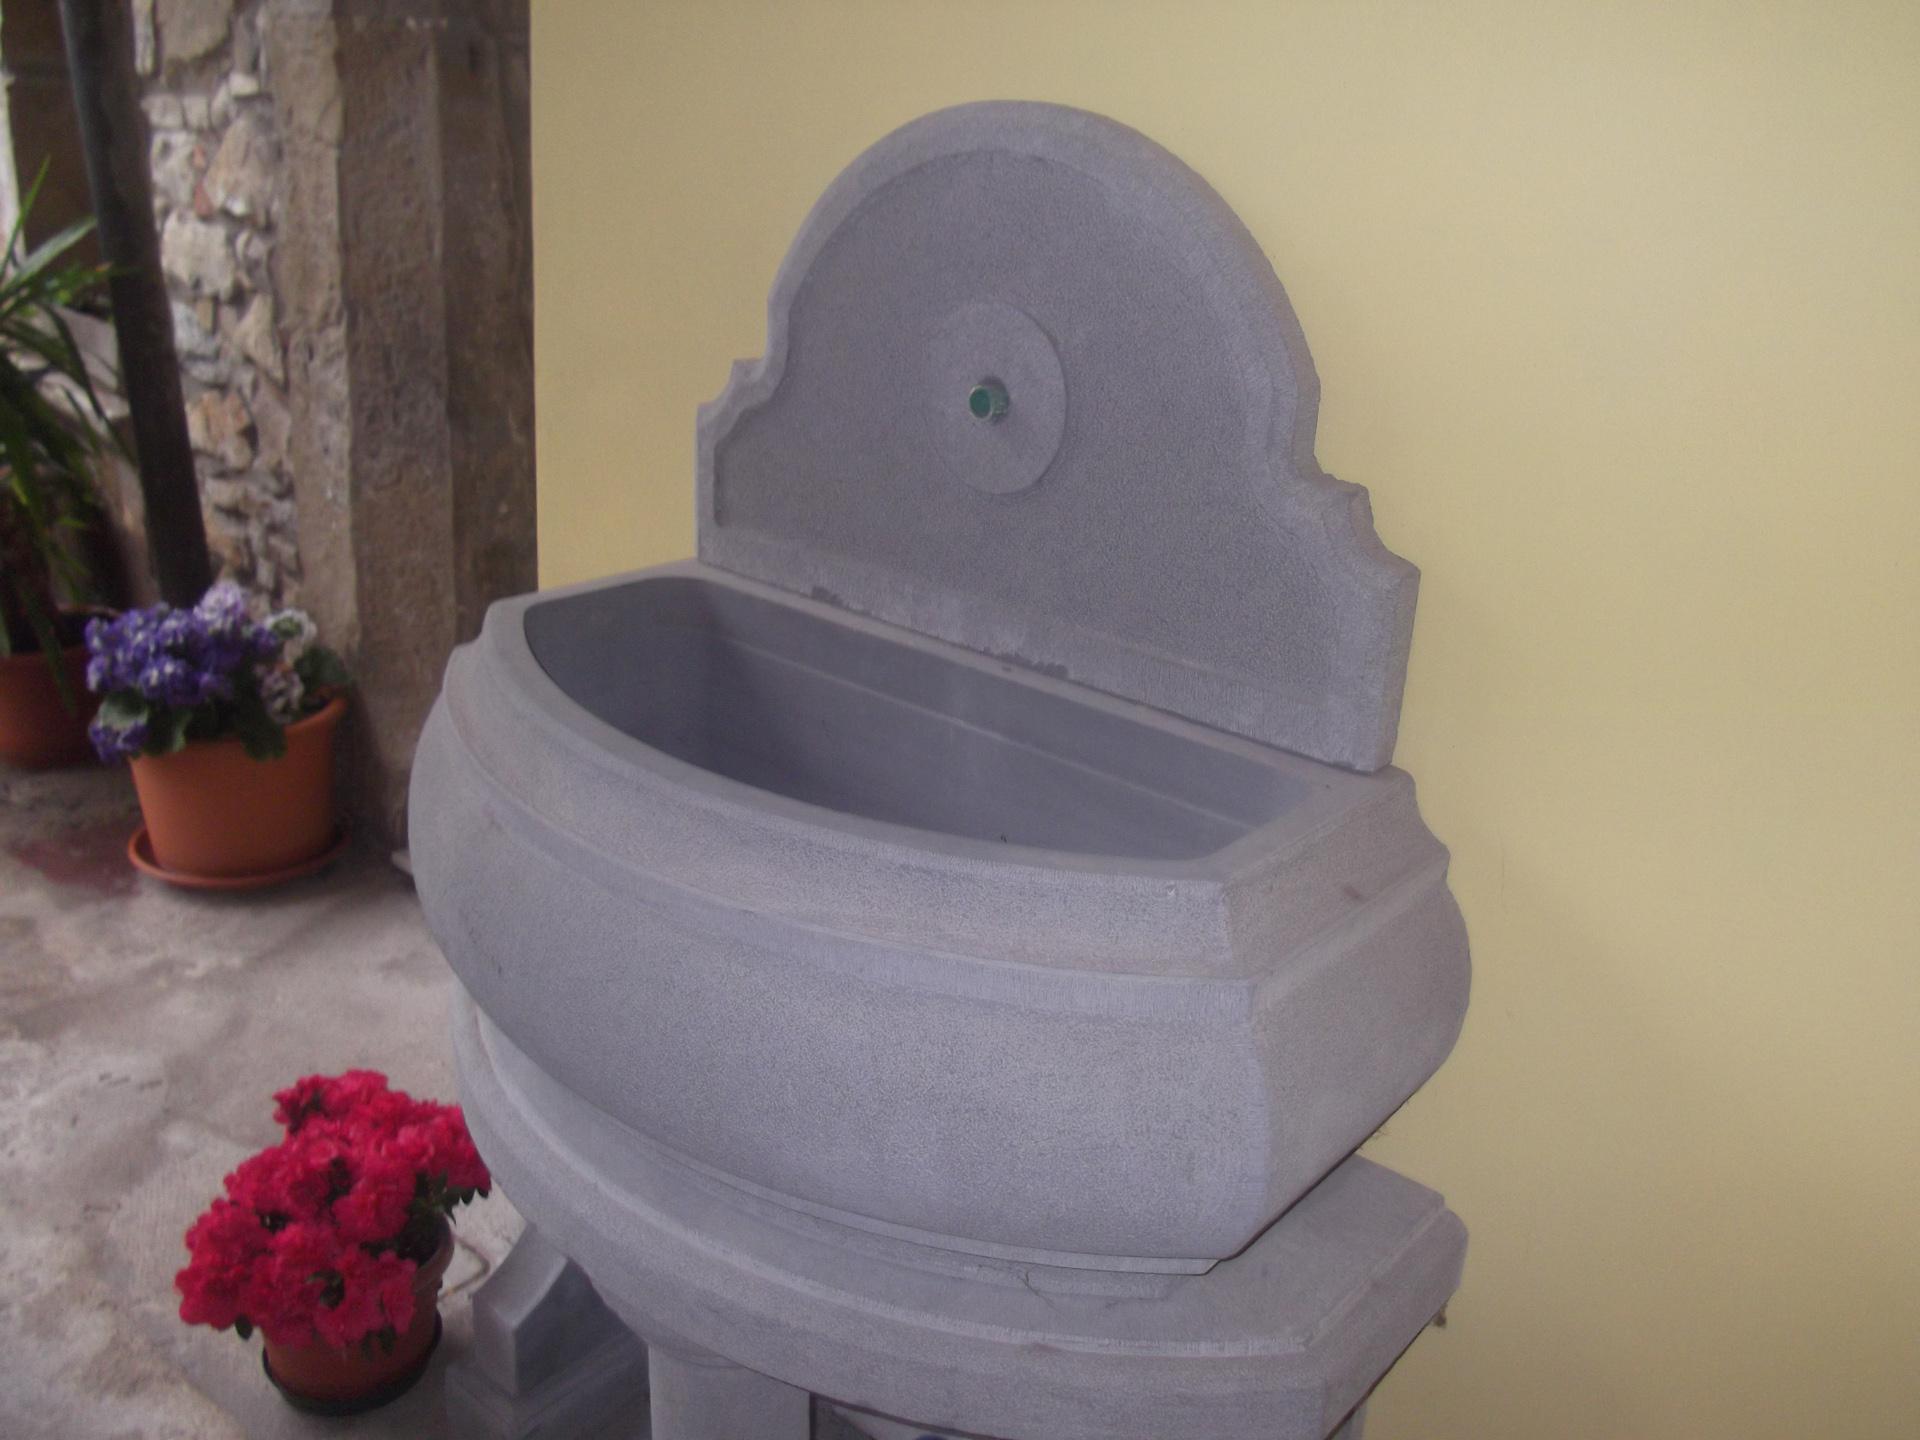 Vasca Da Esterno In Pietra : Fontane e vasche per esterni perletti omar